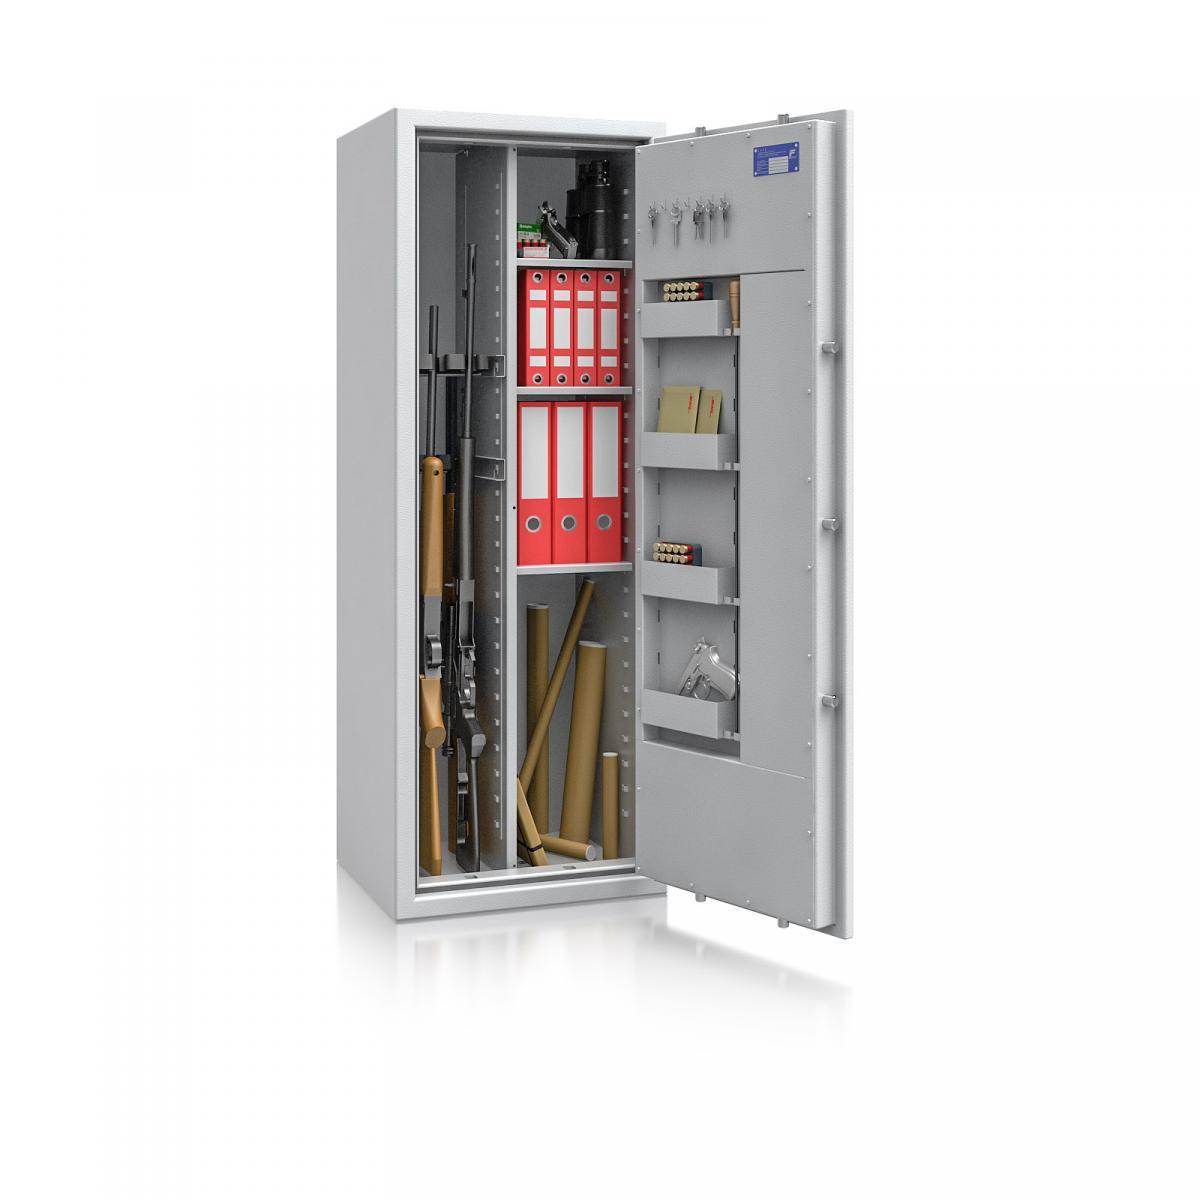 Waffenschrank St. Gallen WF MAX Kombi 2 - 1500x550x450 / 199kg 56466 / Klasse I / RAL7035 / Schlüssel / DIN R / mit Trennw.